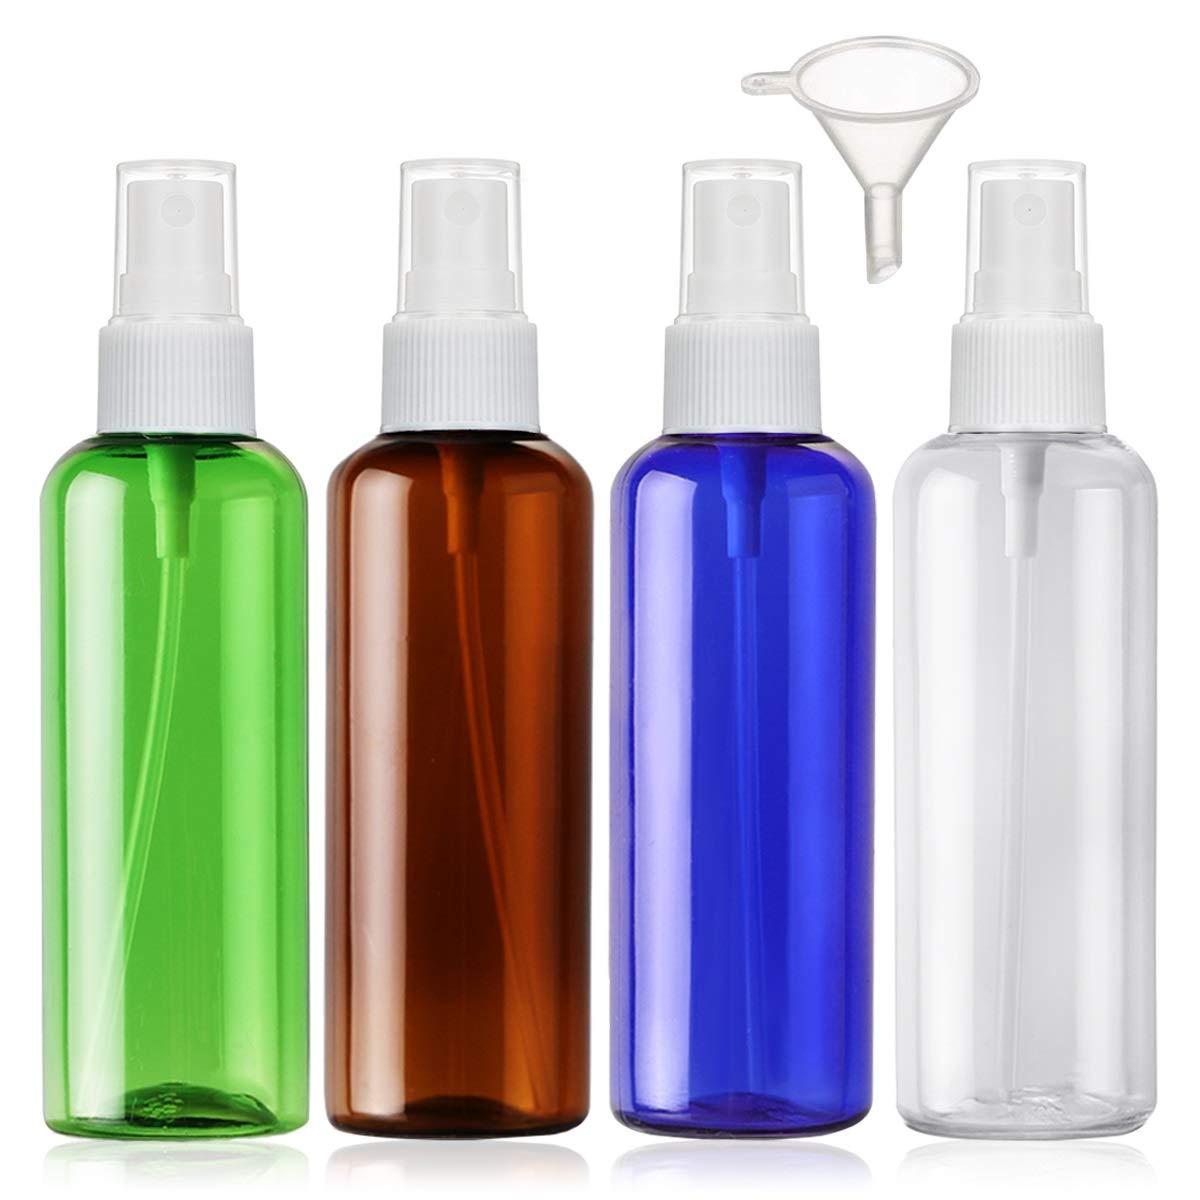 Bote Spray Botellas Vacía De Plástico Transparentes Contenedor de Pulverizador, 4 Piezas (100ml, 4 color) Deepex